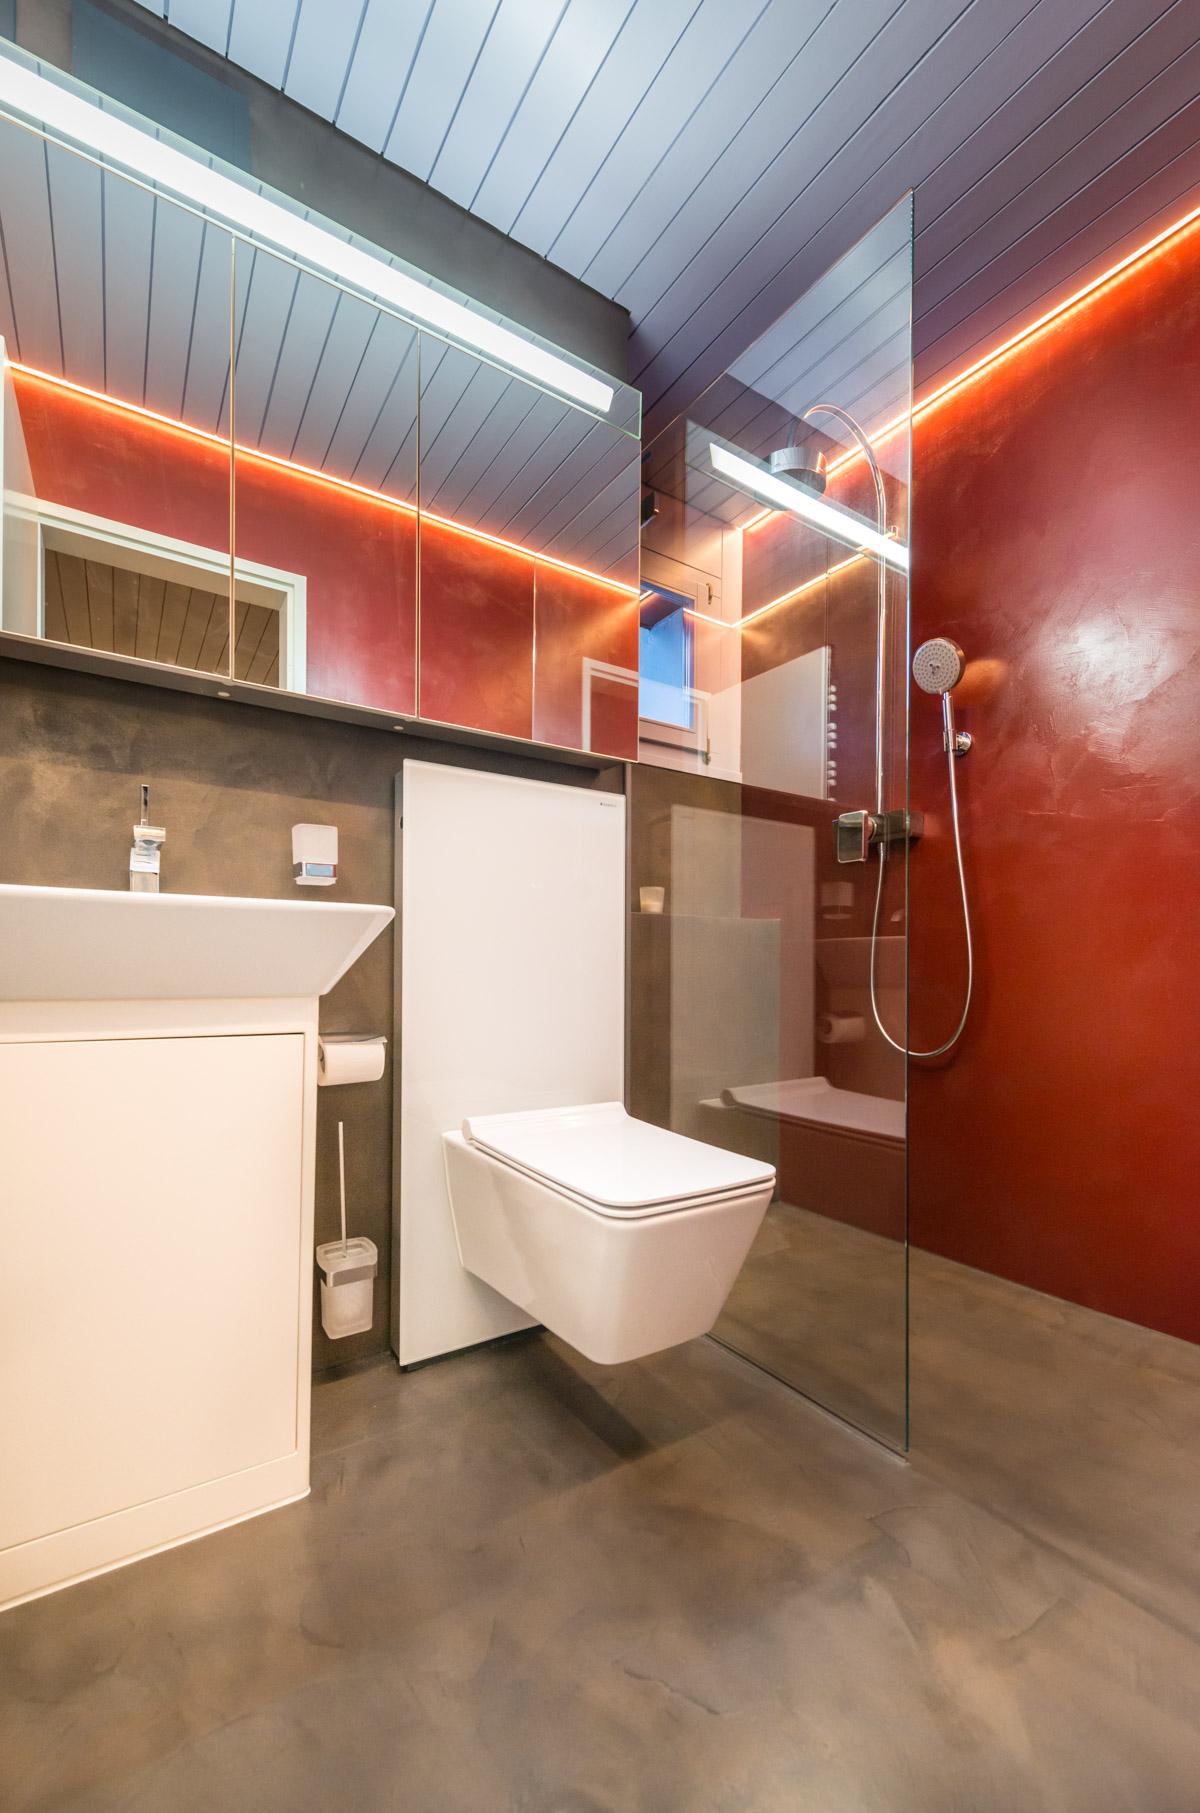 Erlebnis-Badezimmer